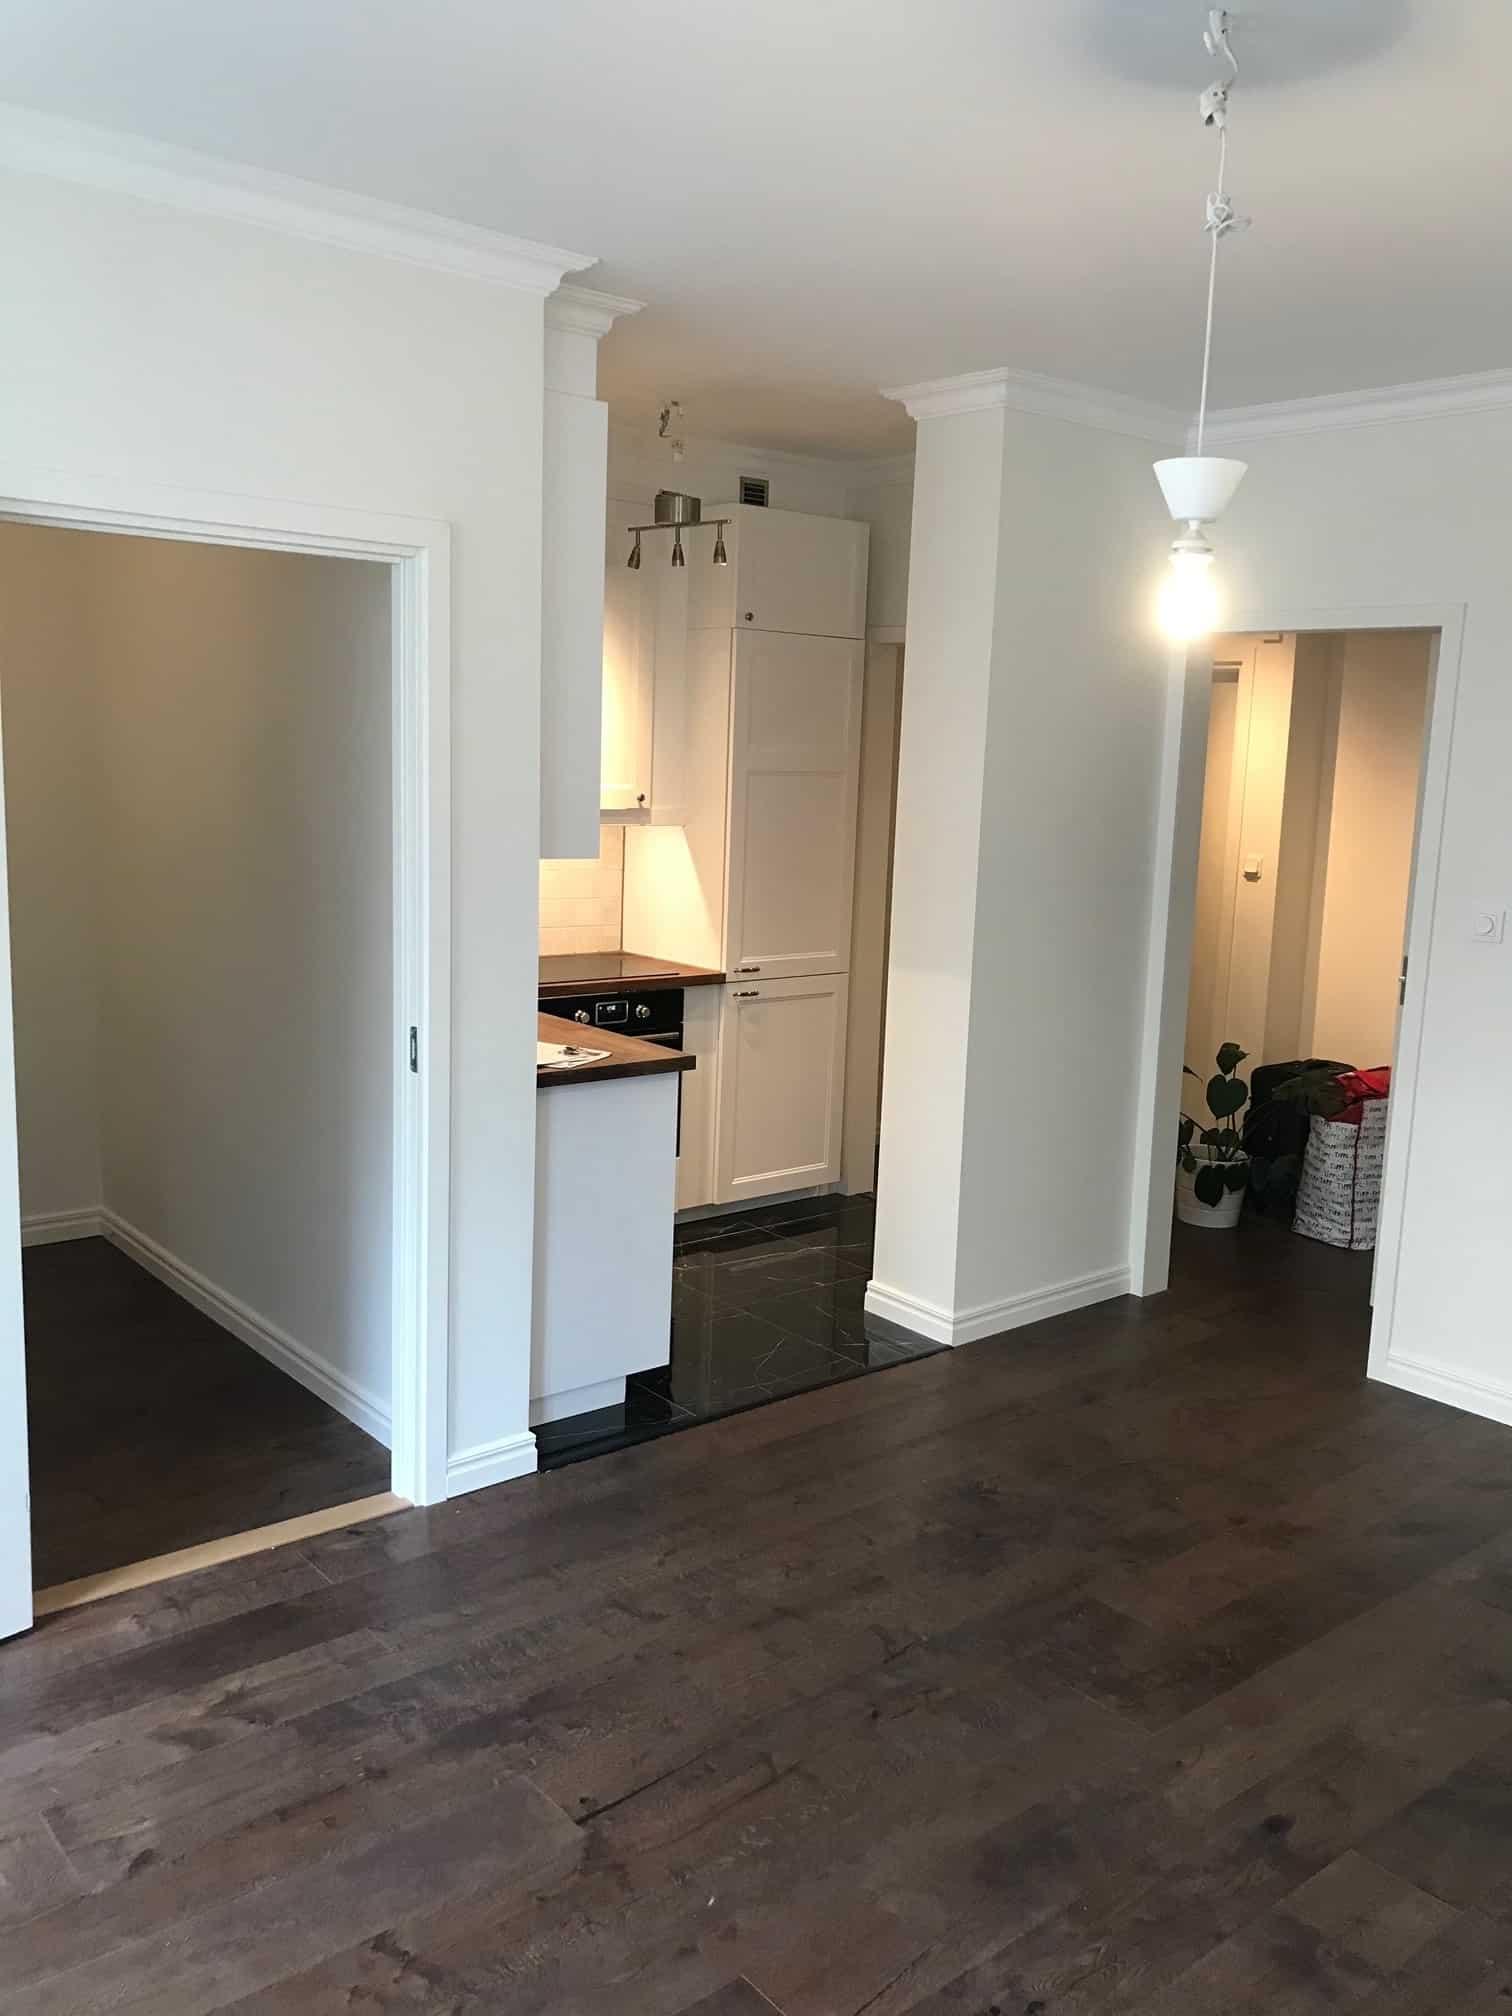 """Referensjobb """"Totalrenovering av lägenhet!"""" utfört av RKS Mark & Trädgård AB"""